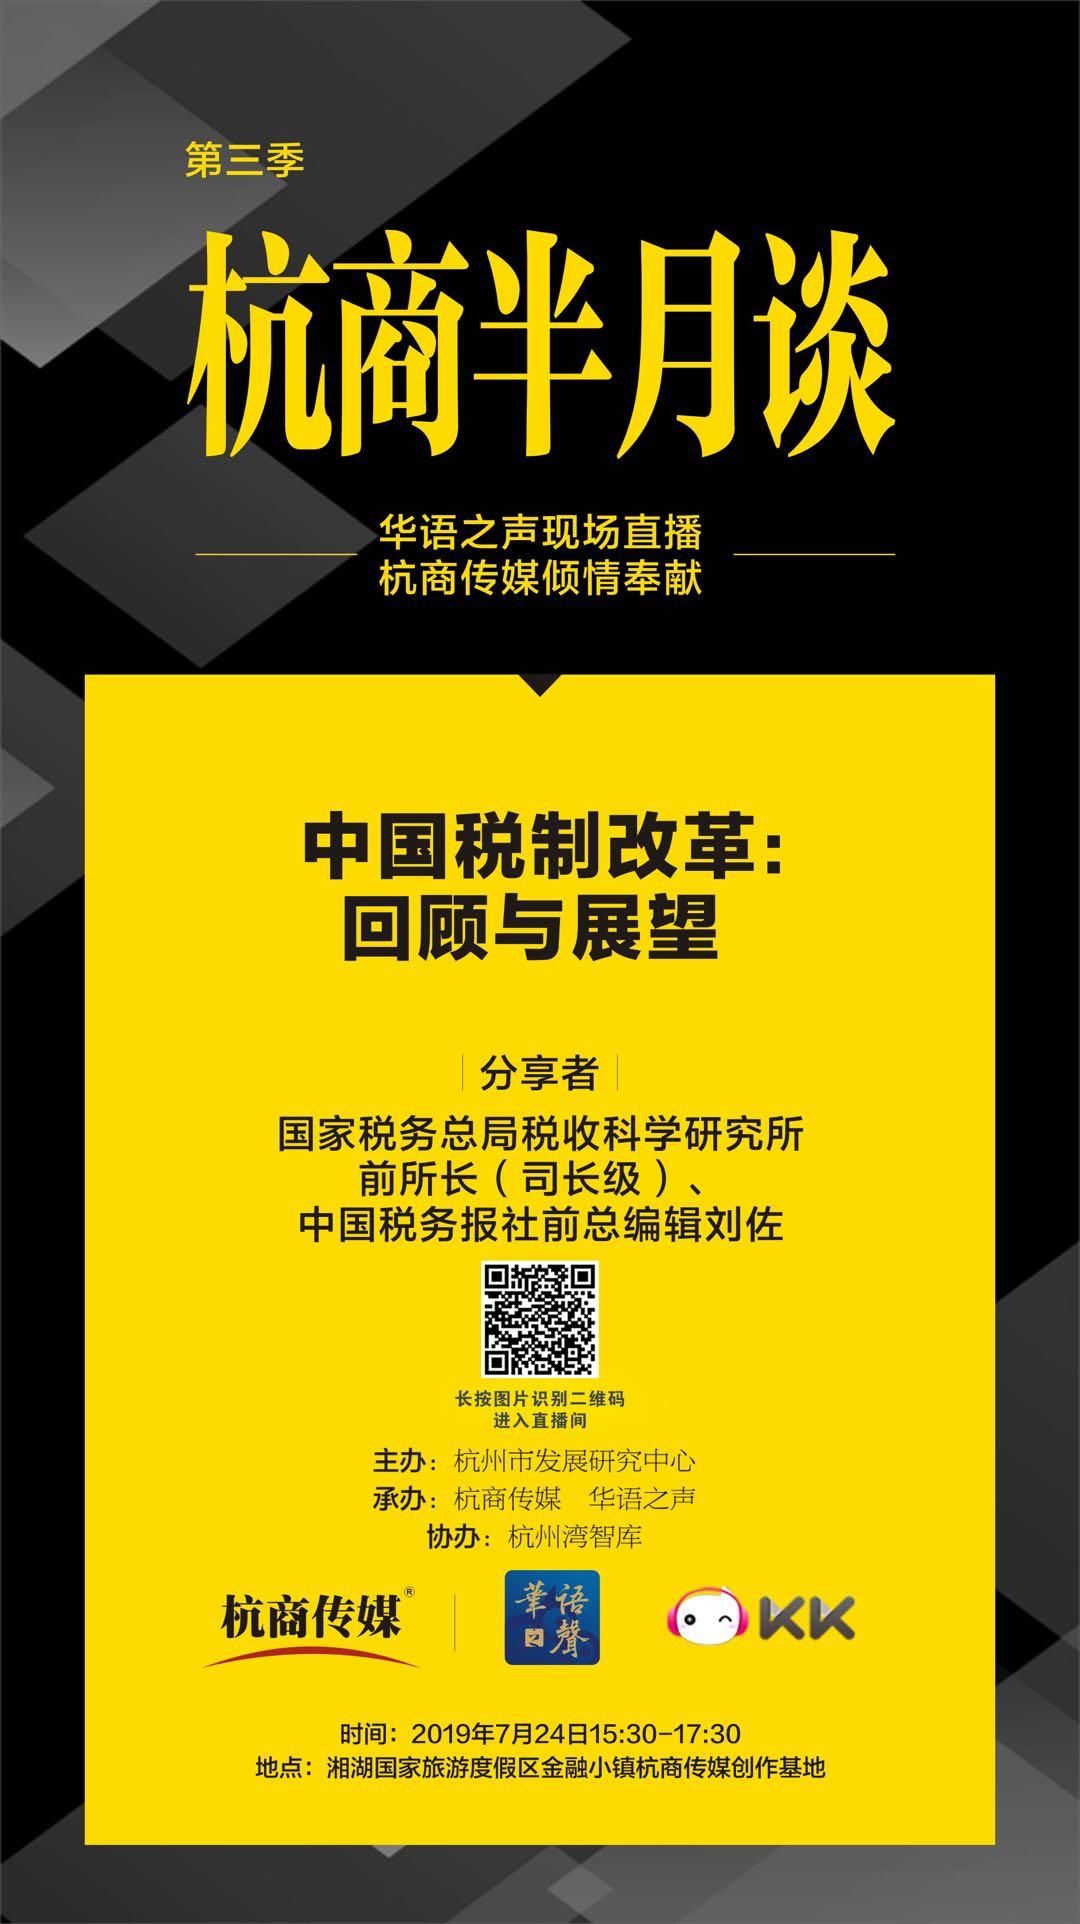 杭商半月谈——中国税制改革:回顾与展望